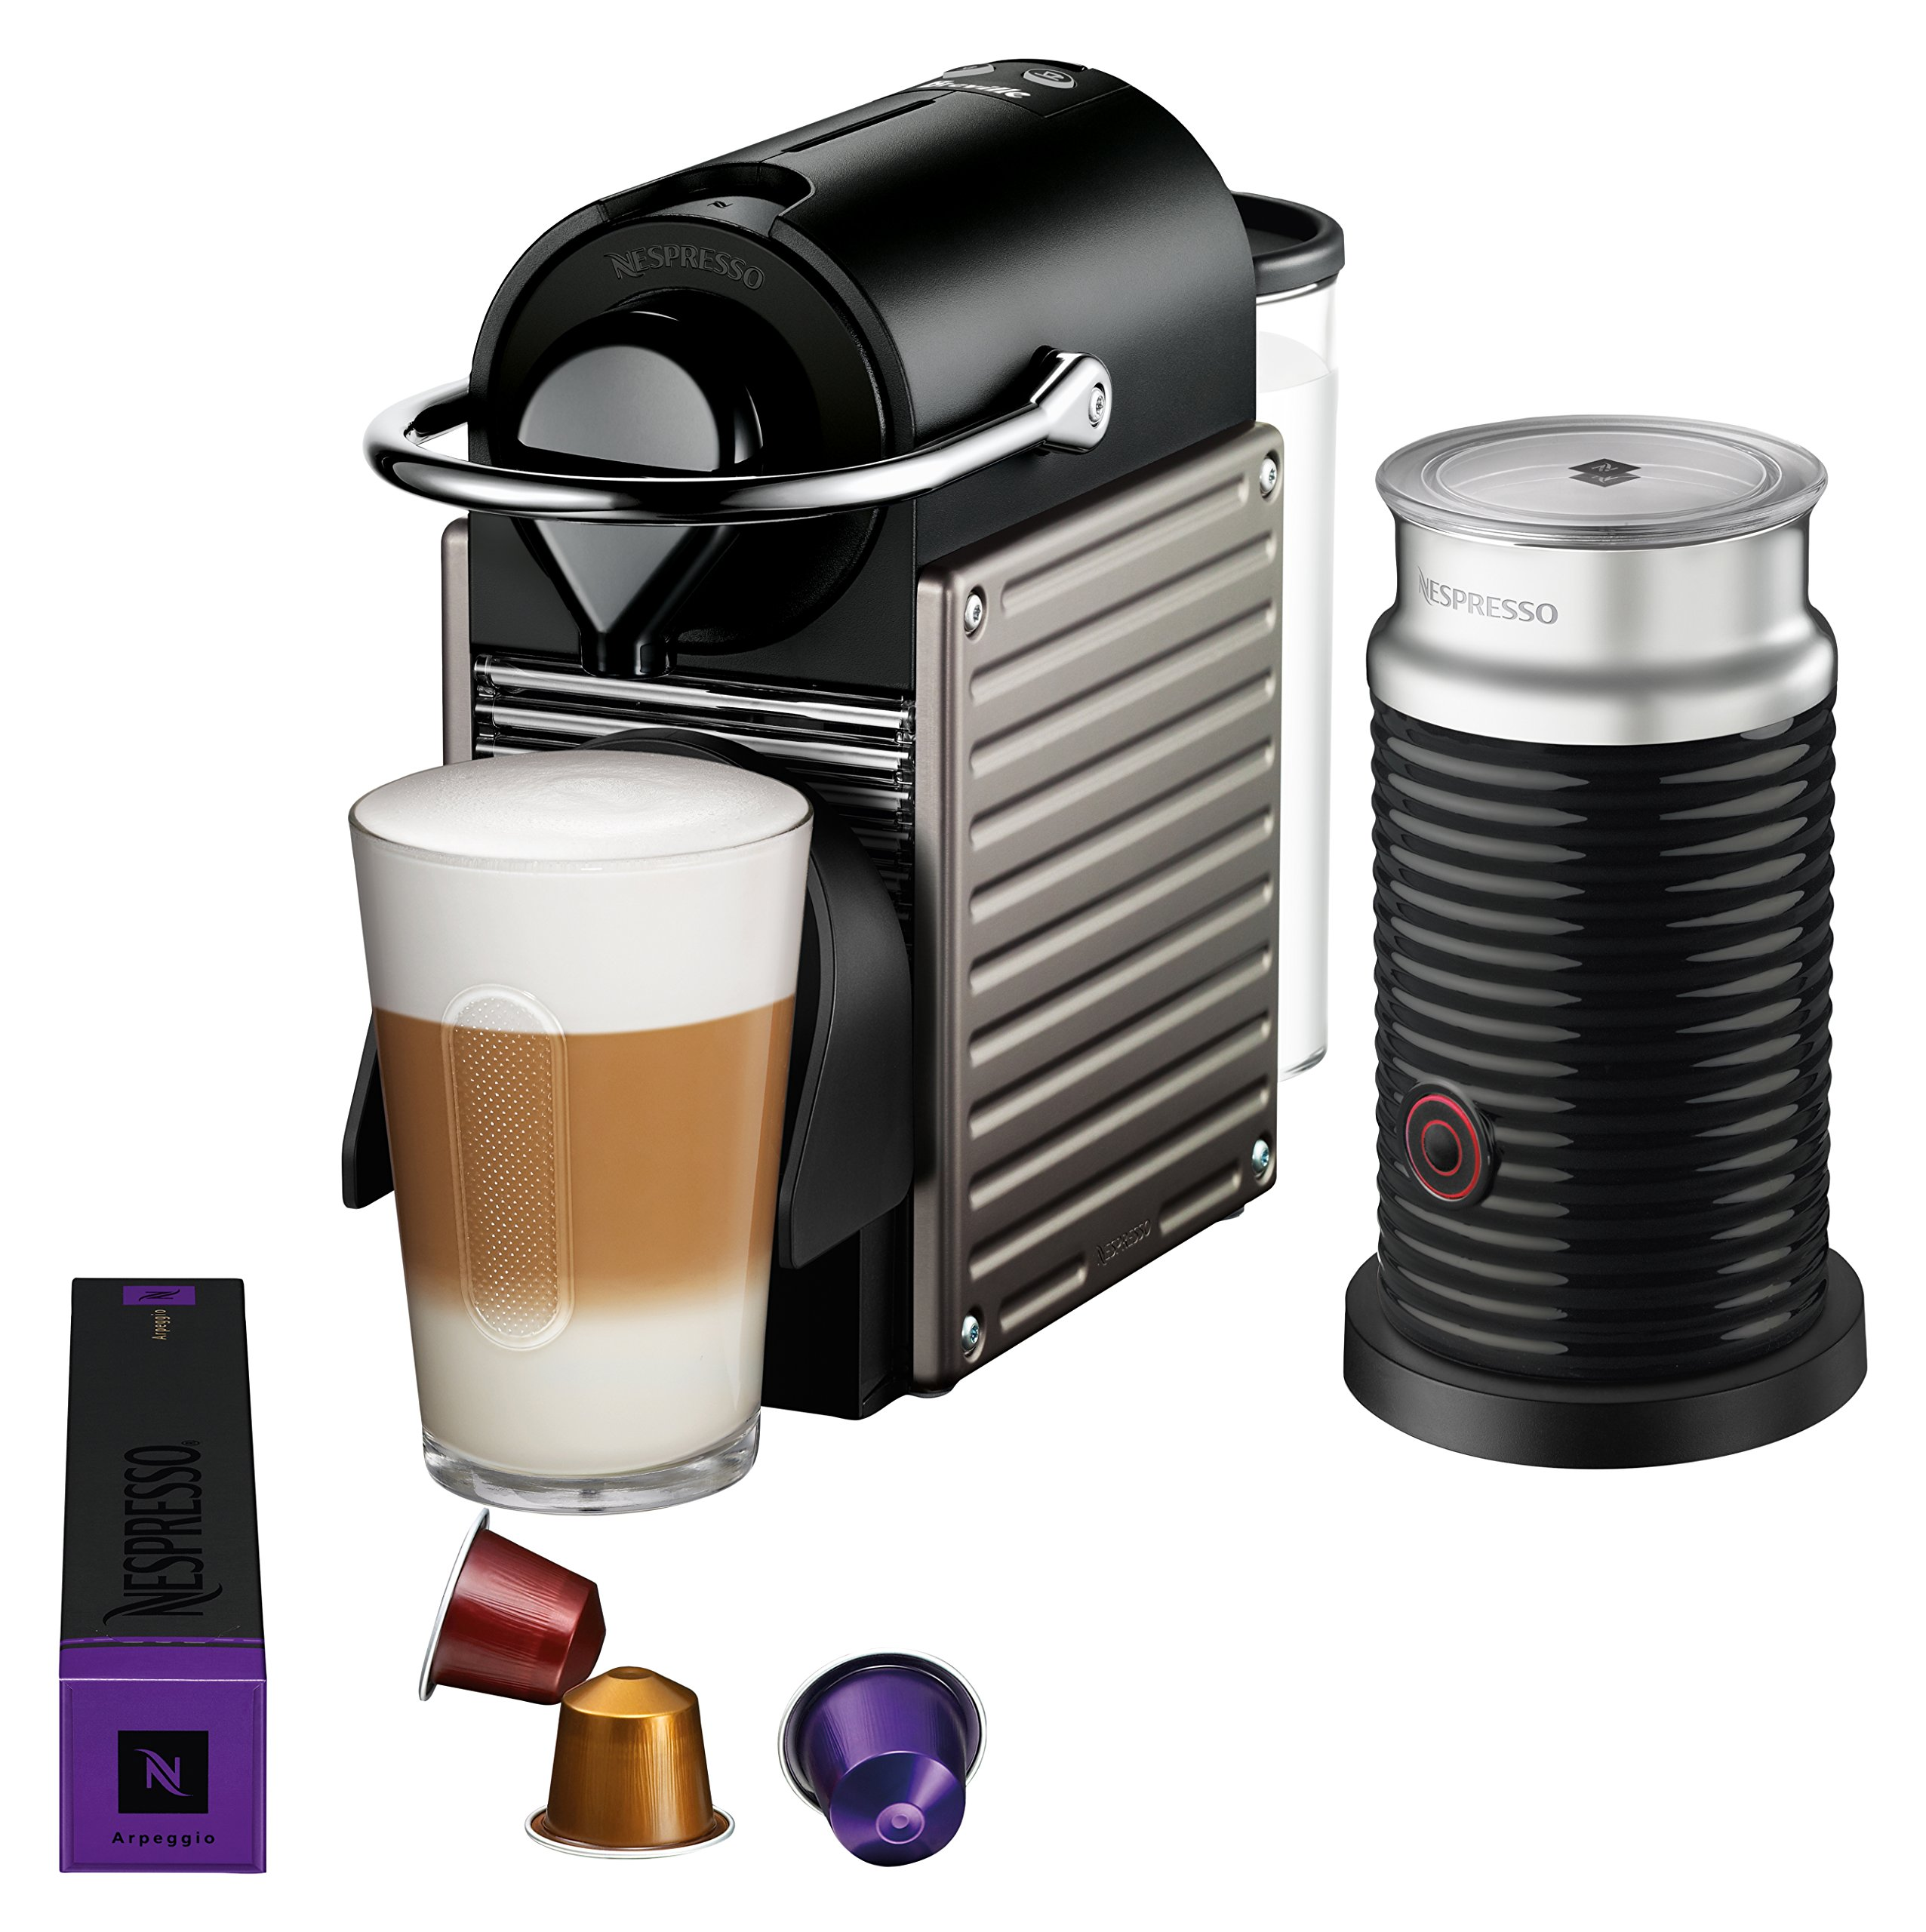 Nespresso Pixie Espresso Machine by Breville with Aeroccino, Titan